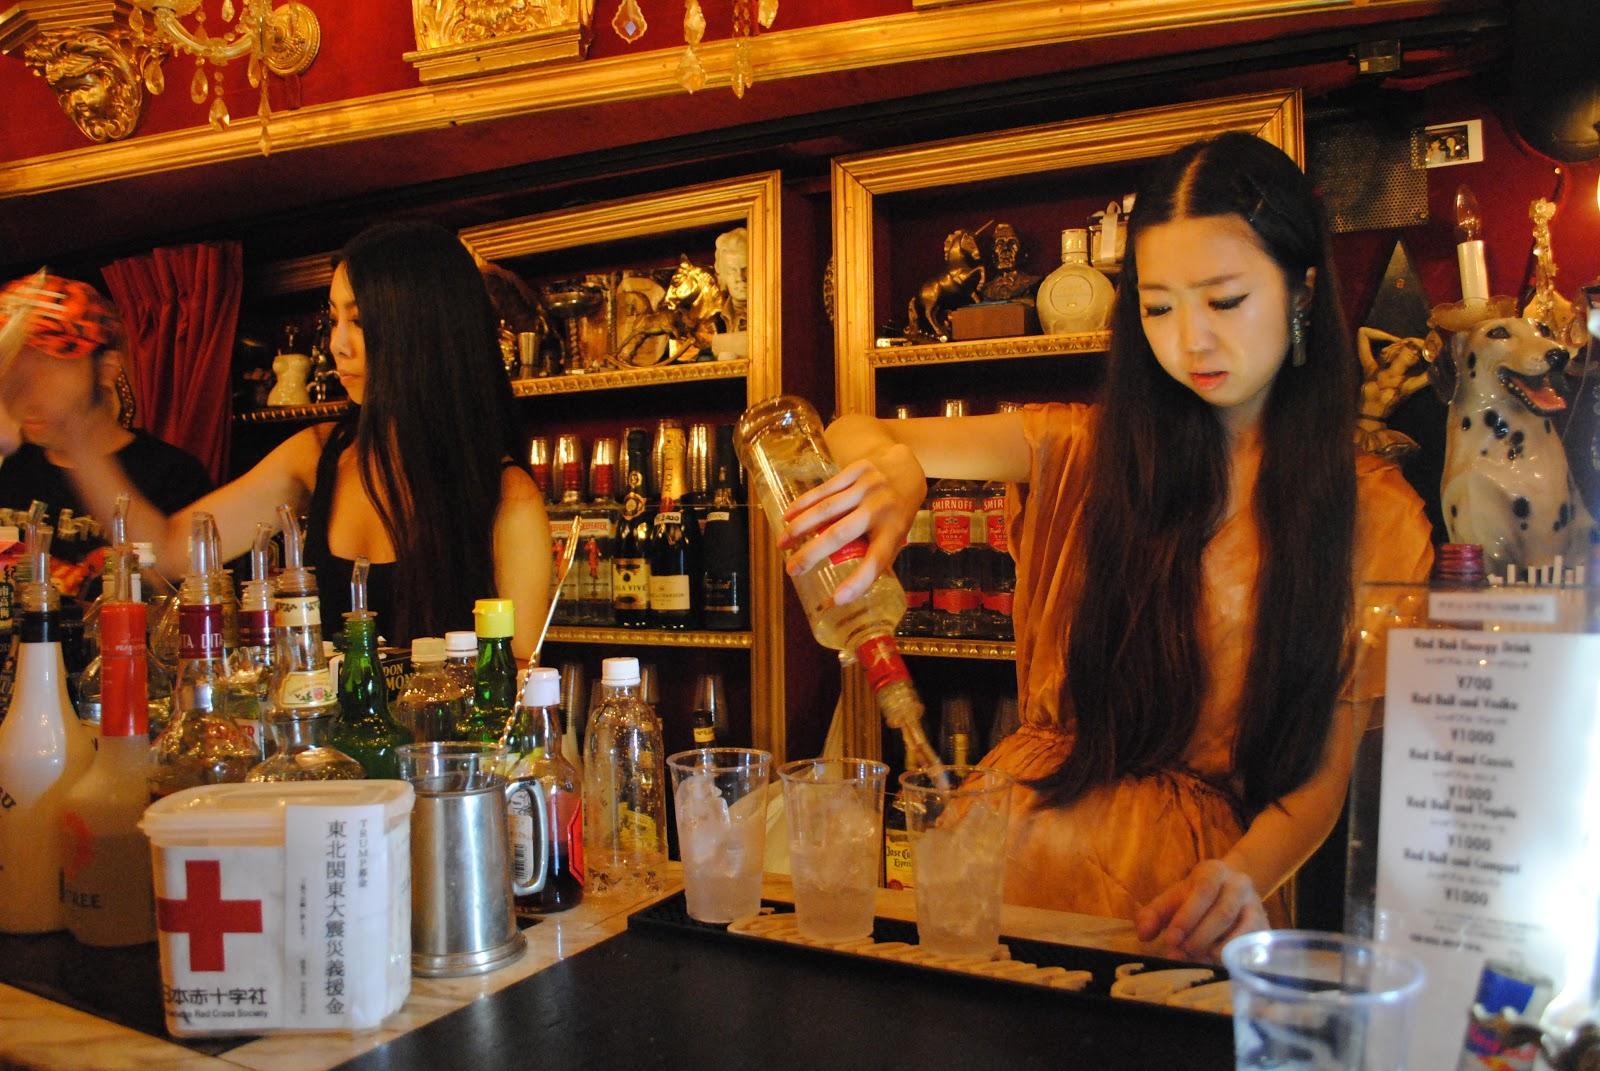 TOKYOPLAY: Trump Room Shibuya - Chandeliers Not Drinking Beers